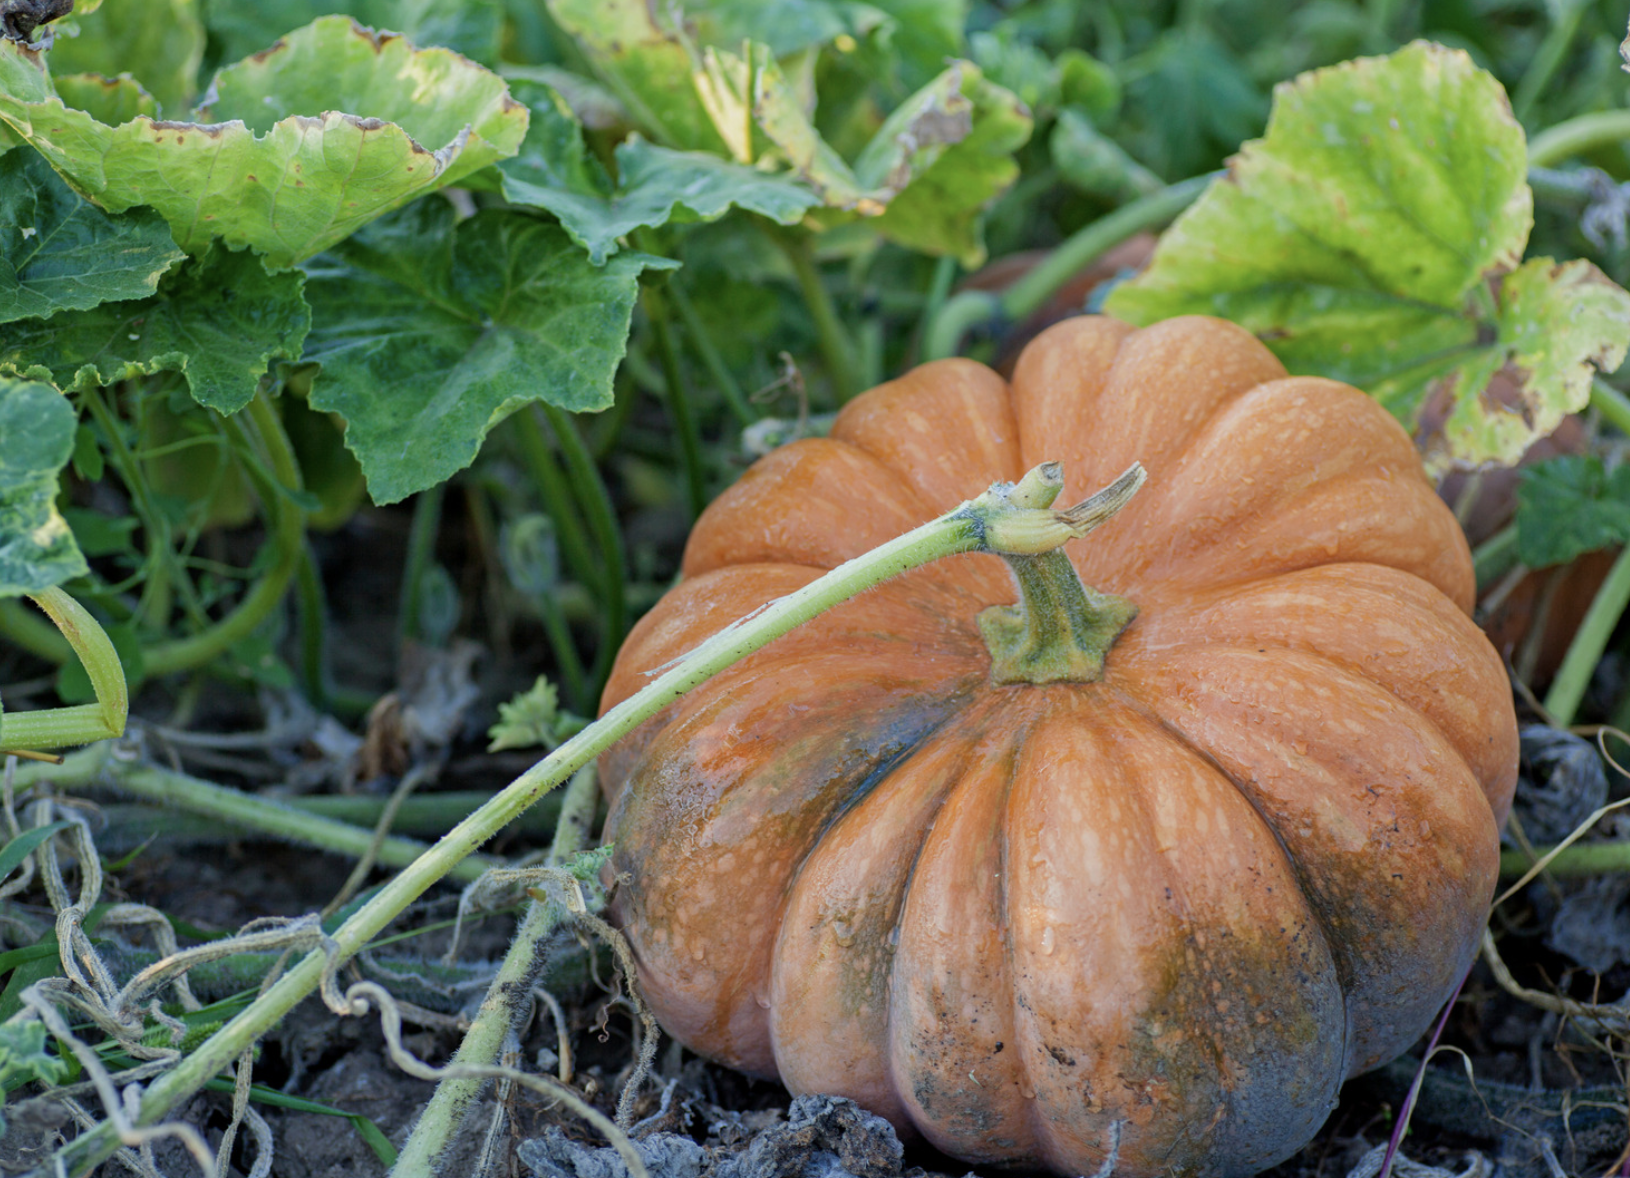 Pumpkin Trivia - 30 Fun Facts About Pumpkins You Never Knew